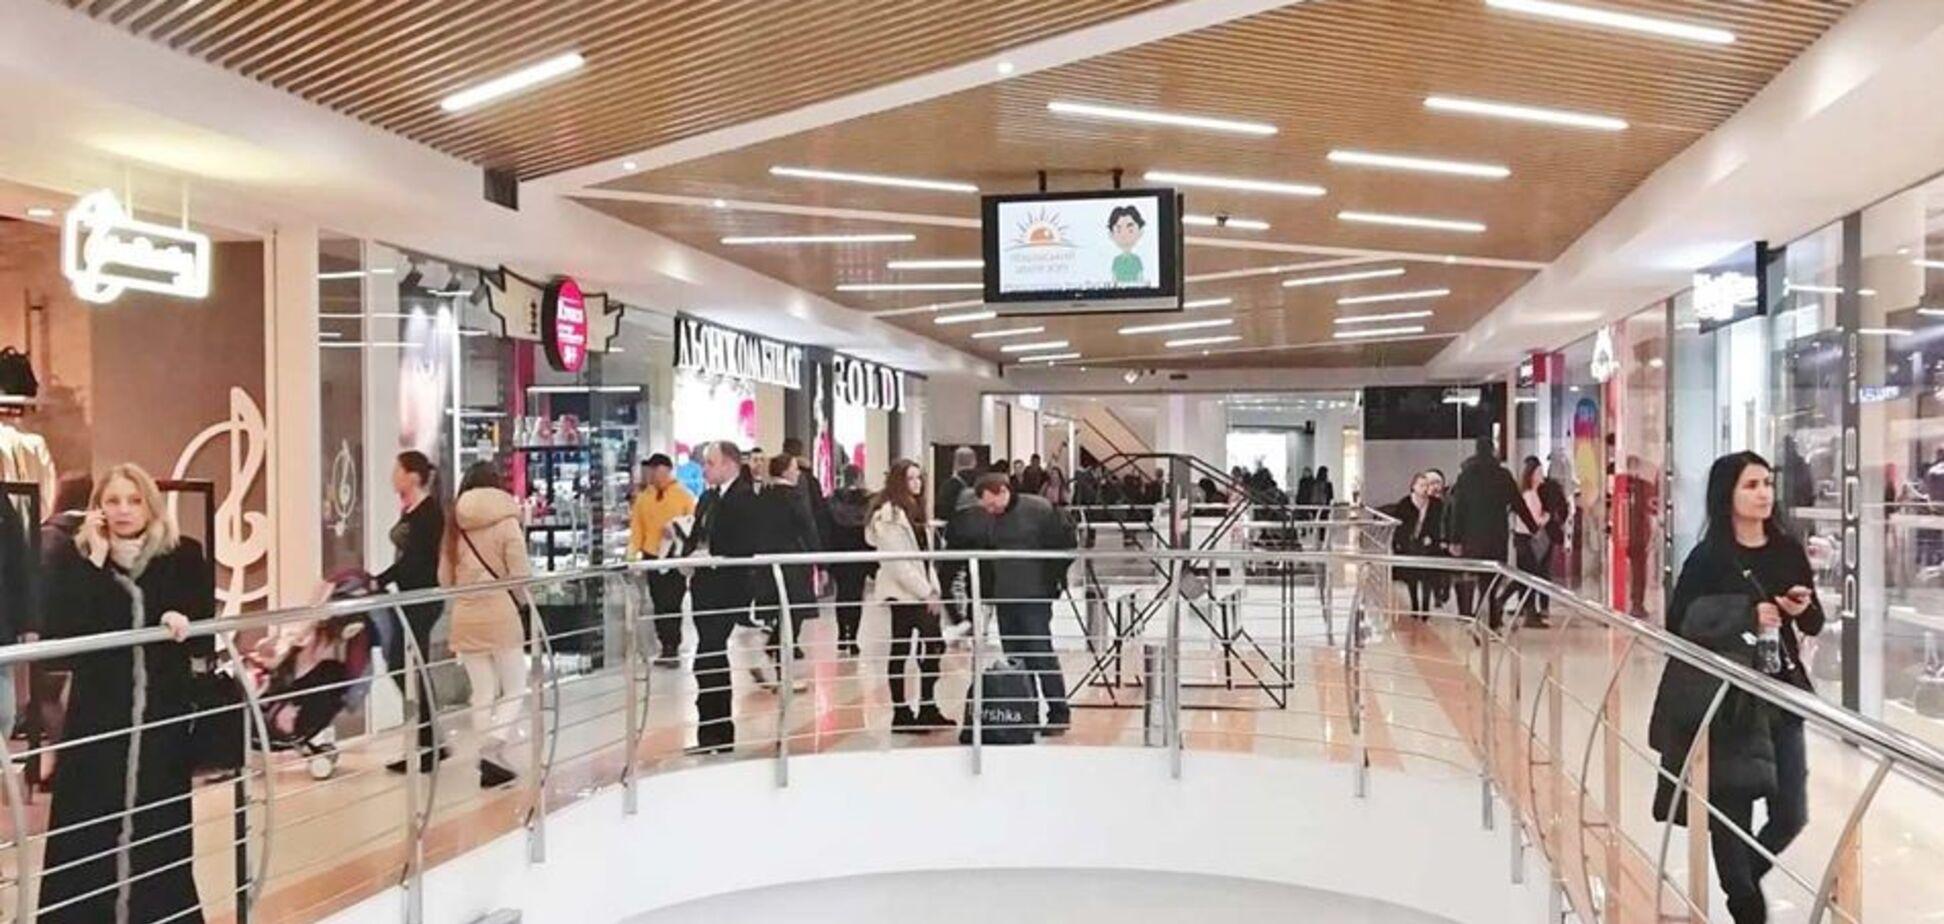 У торгових центрах безпечніше здійснювати покупки, ніж у маленьких магазинах - Dragon Capital